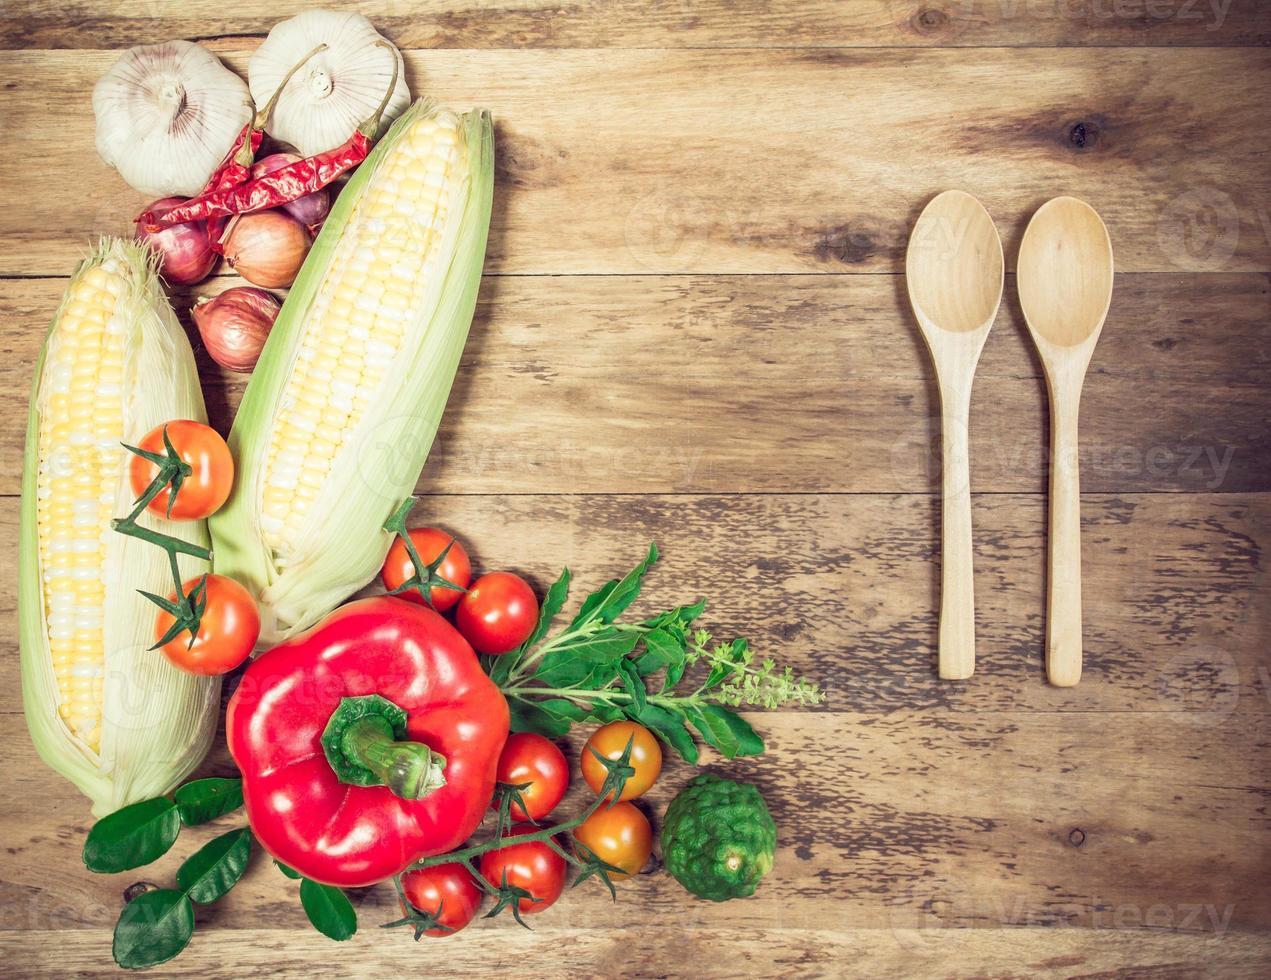 légumes biologiques frais et épices sur un fond en bois. photo